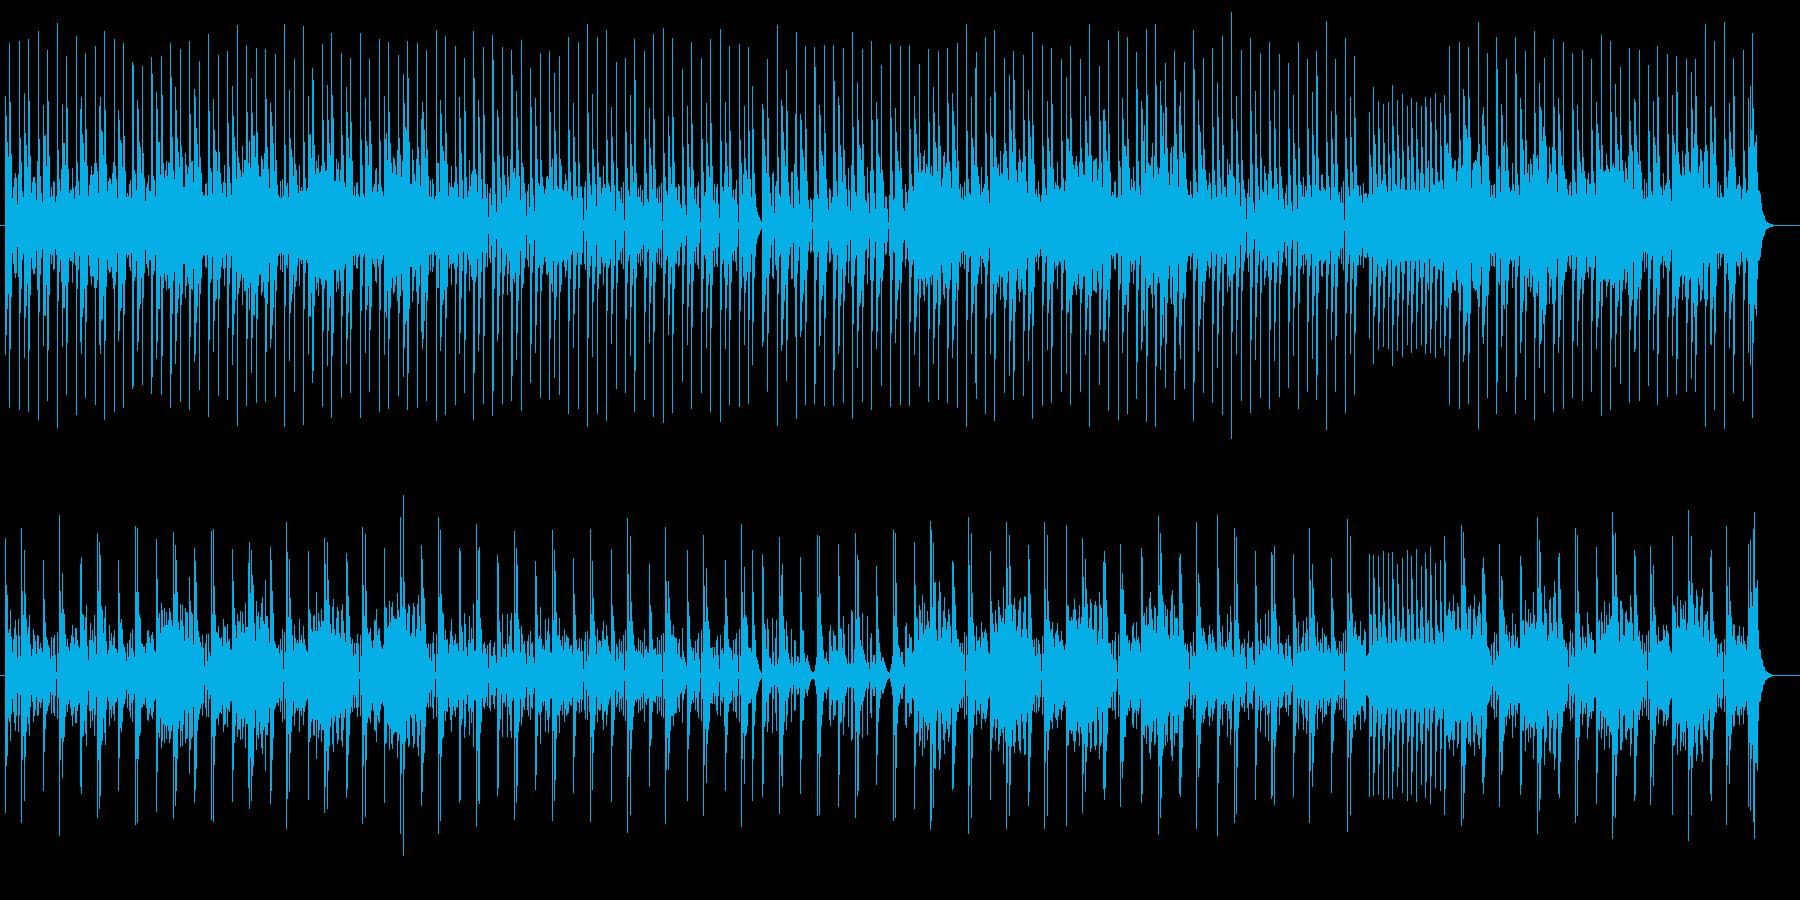 躍動感あるリズムの電子音の再生済みの波形